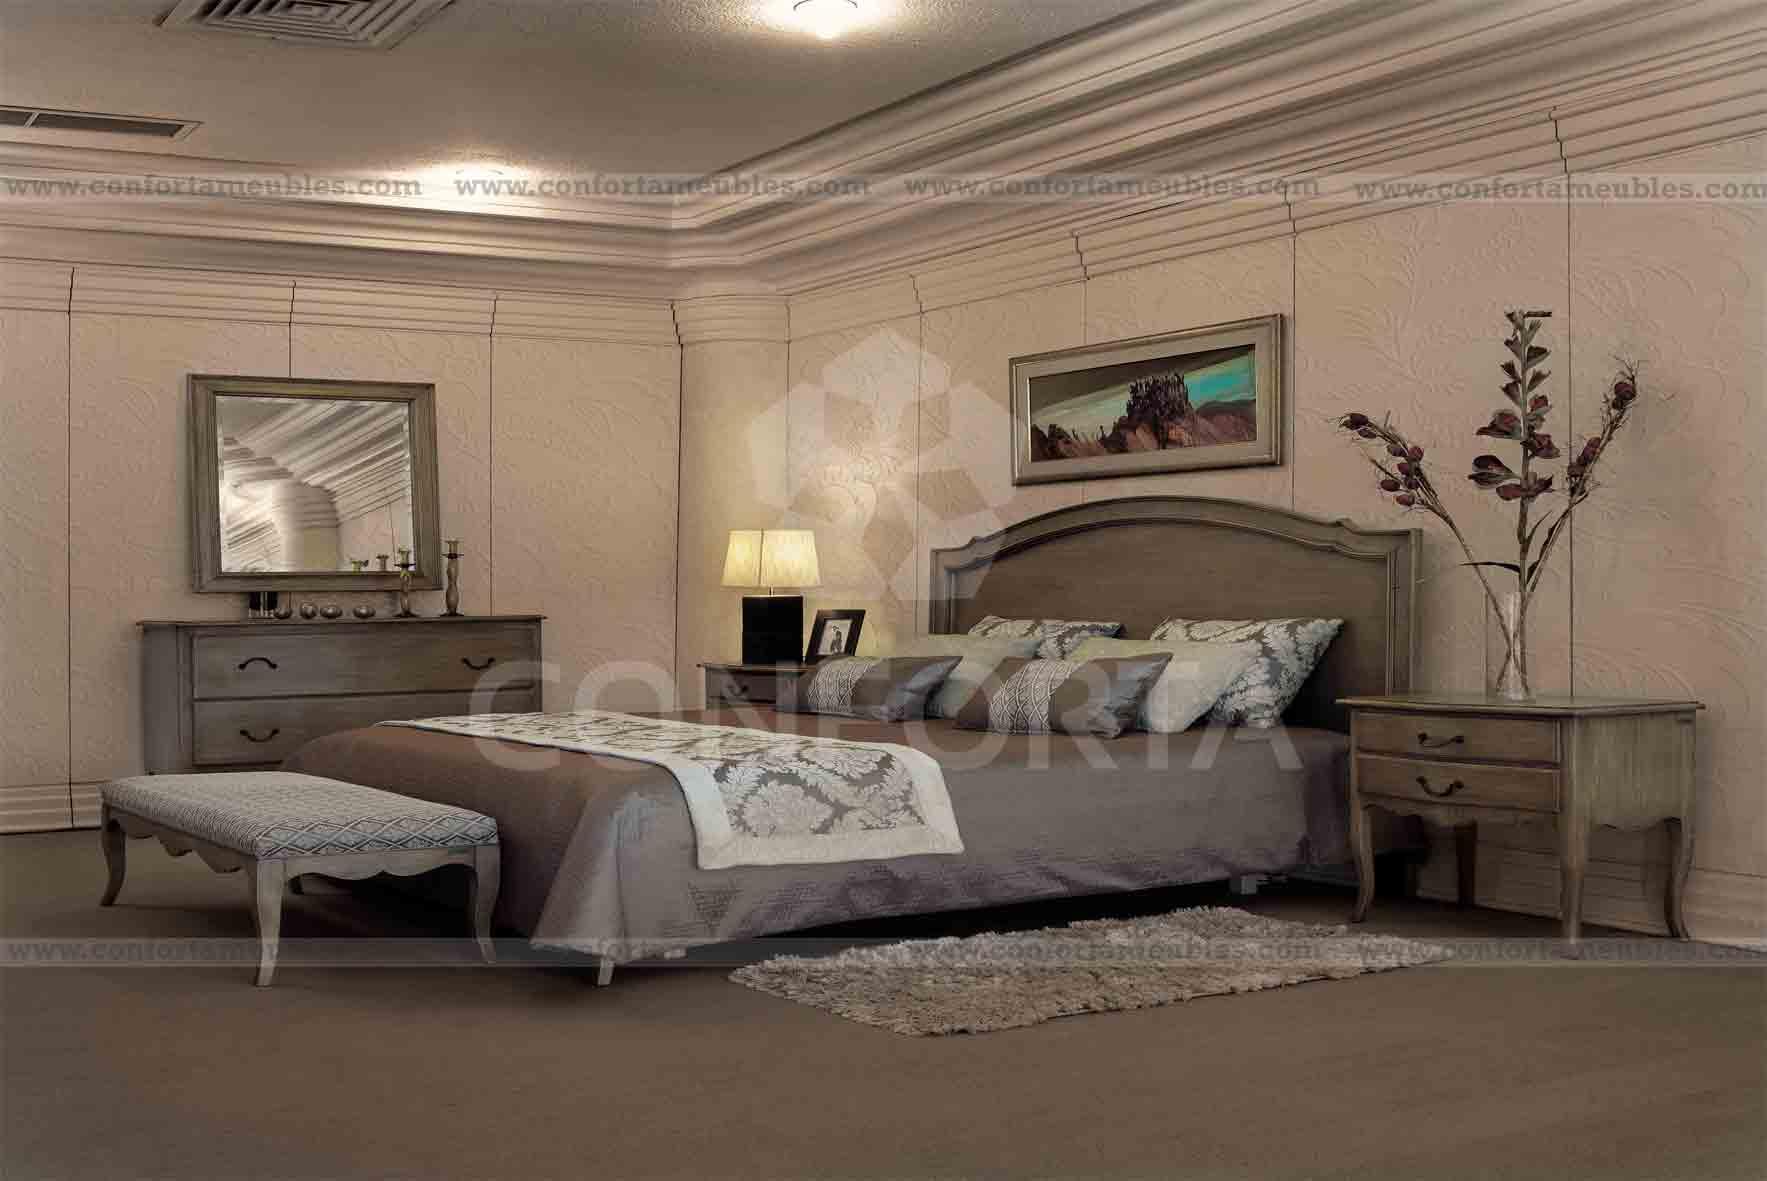 Chambres  coucher Tunisie  Meubles et dcoration Tunisie